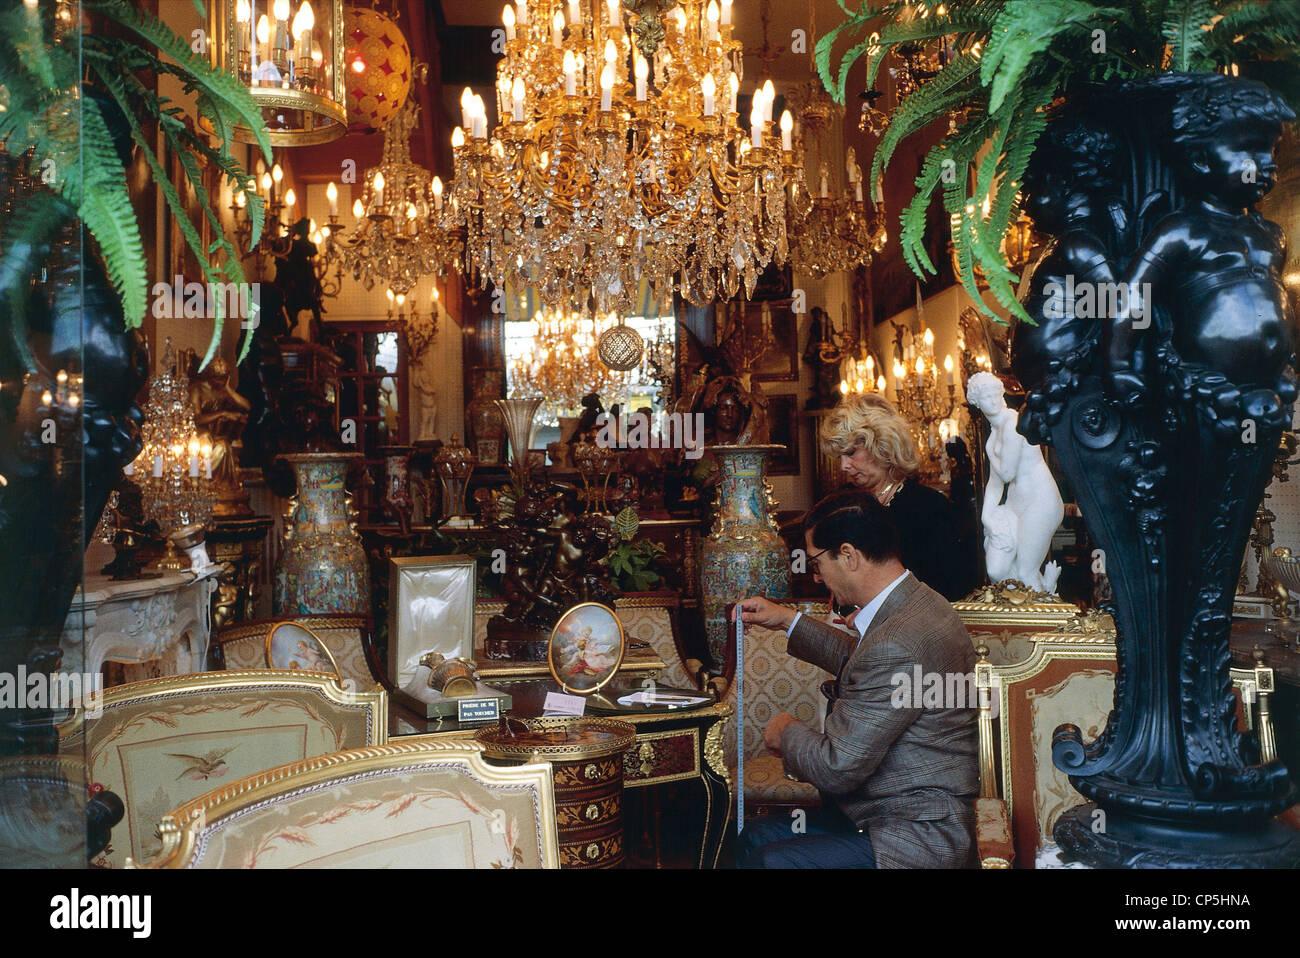 france paris saint ouen marche biron flea market stock photo royalty free image 48066854. Black Bedroom Furniture Sets. Home Design Ideas